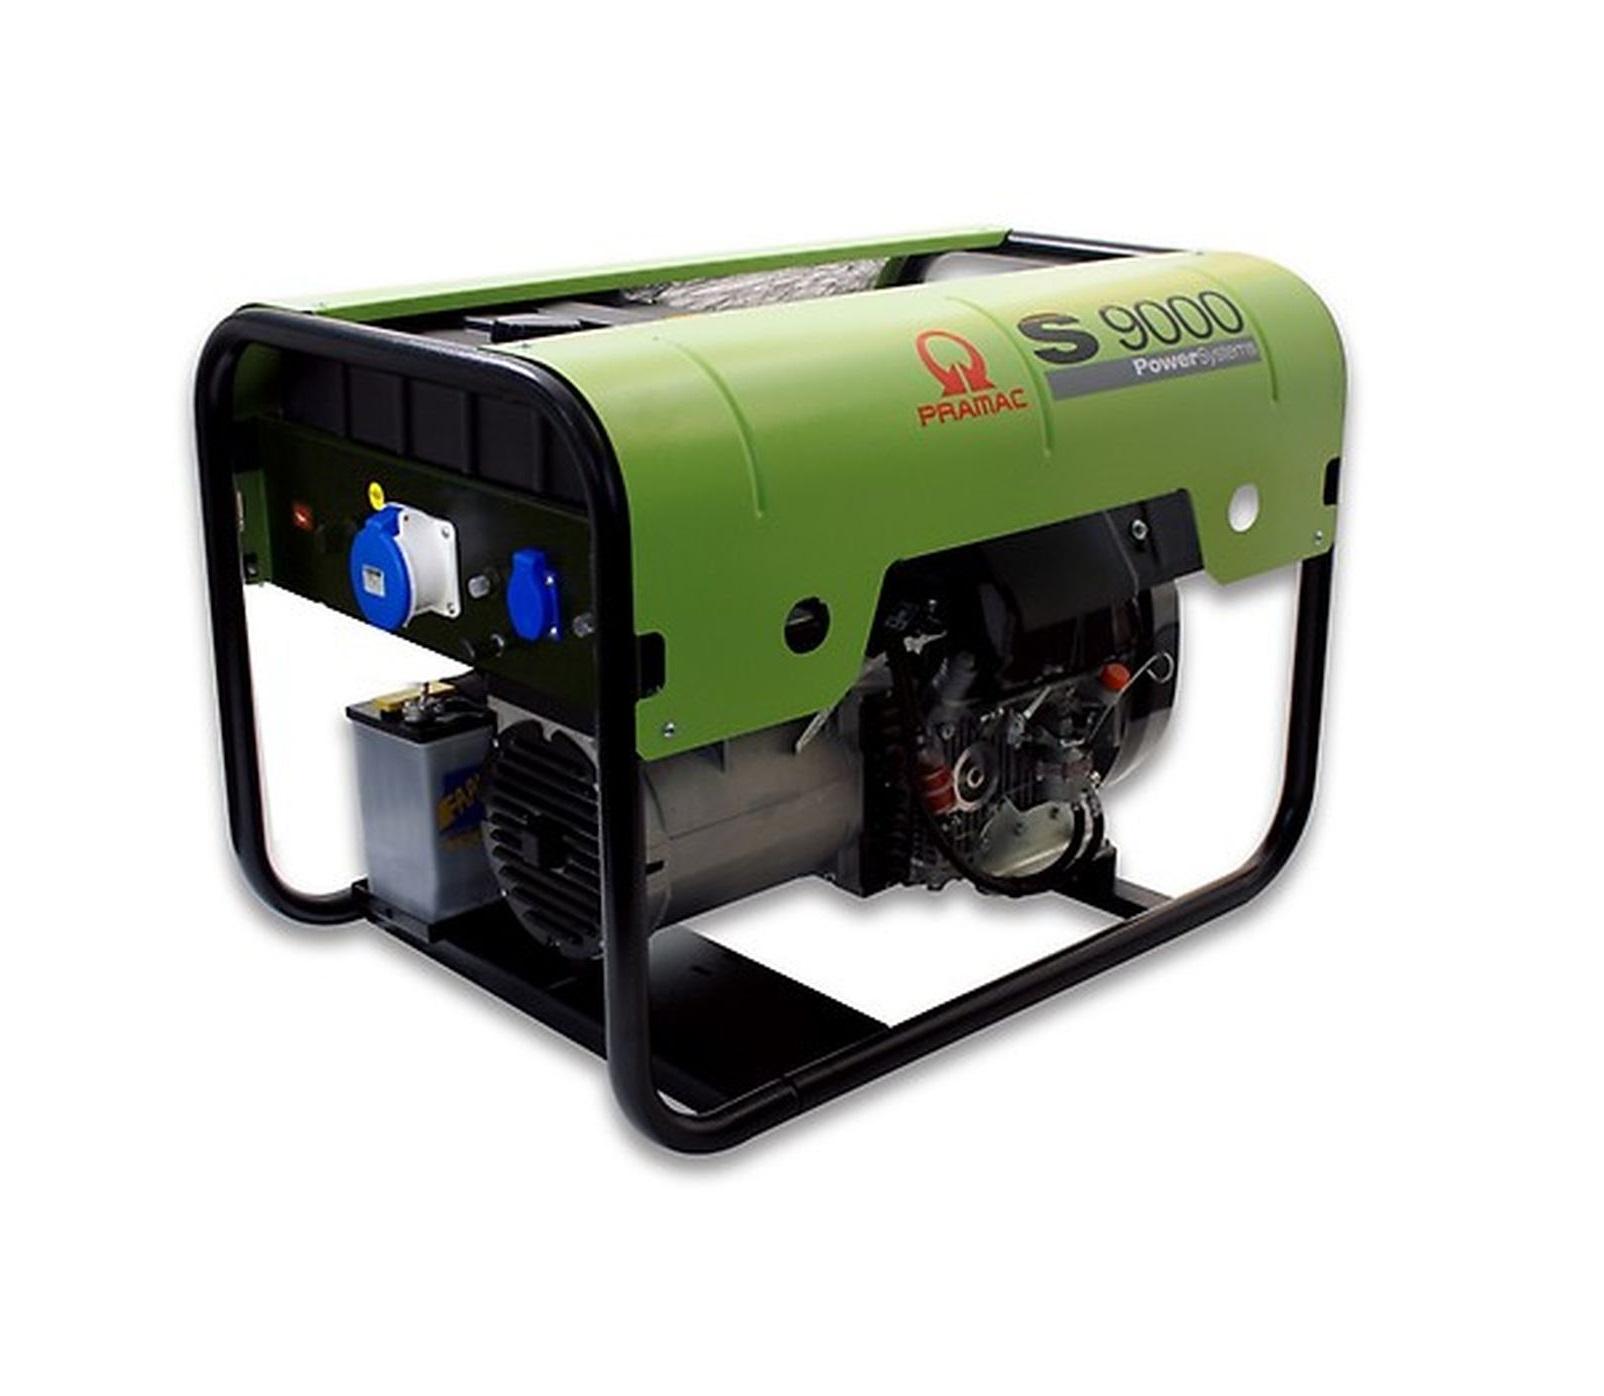 Дизельный генератор (электростанция) Pramac S9000, 400/230V, 50Hz #DPP